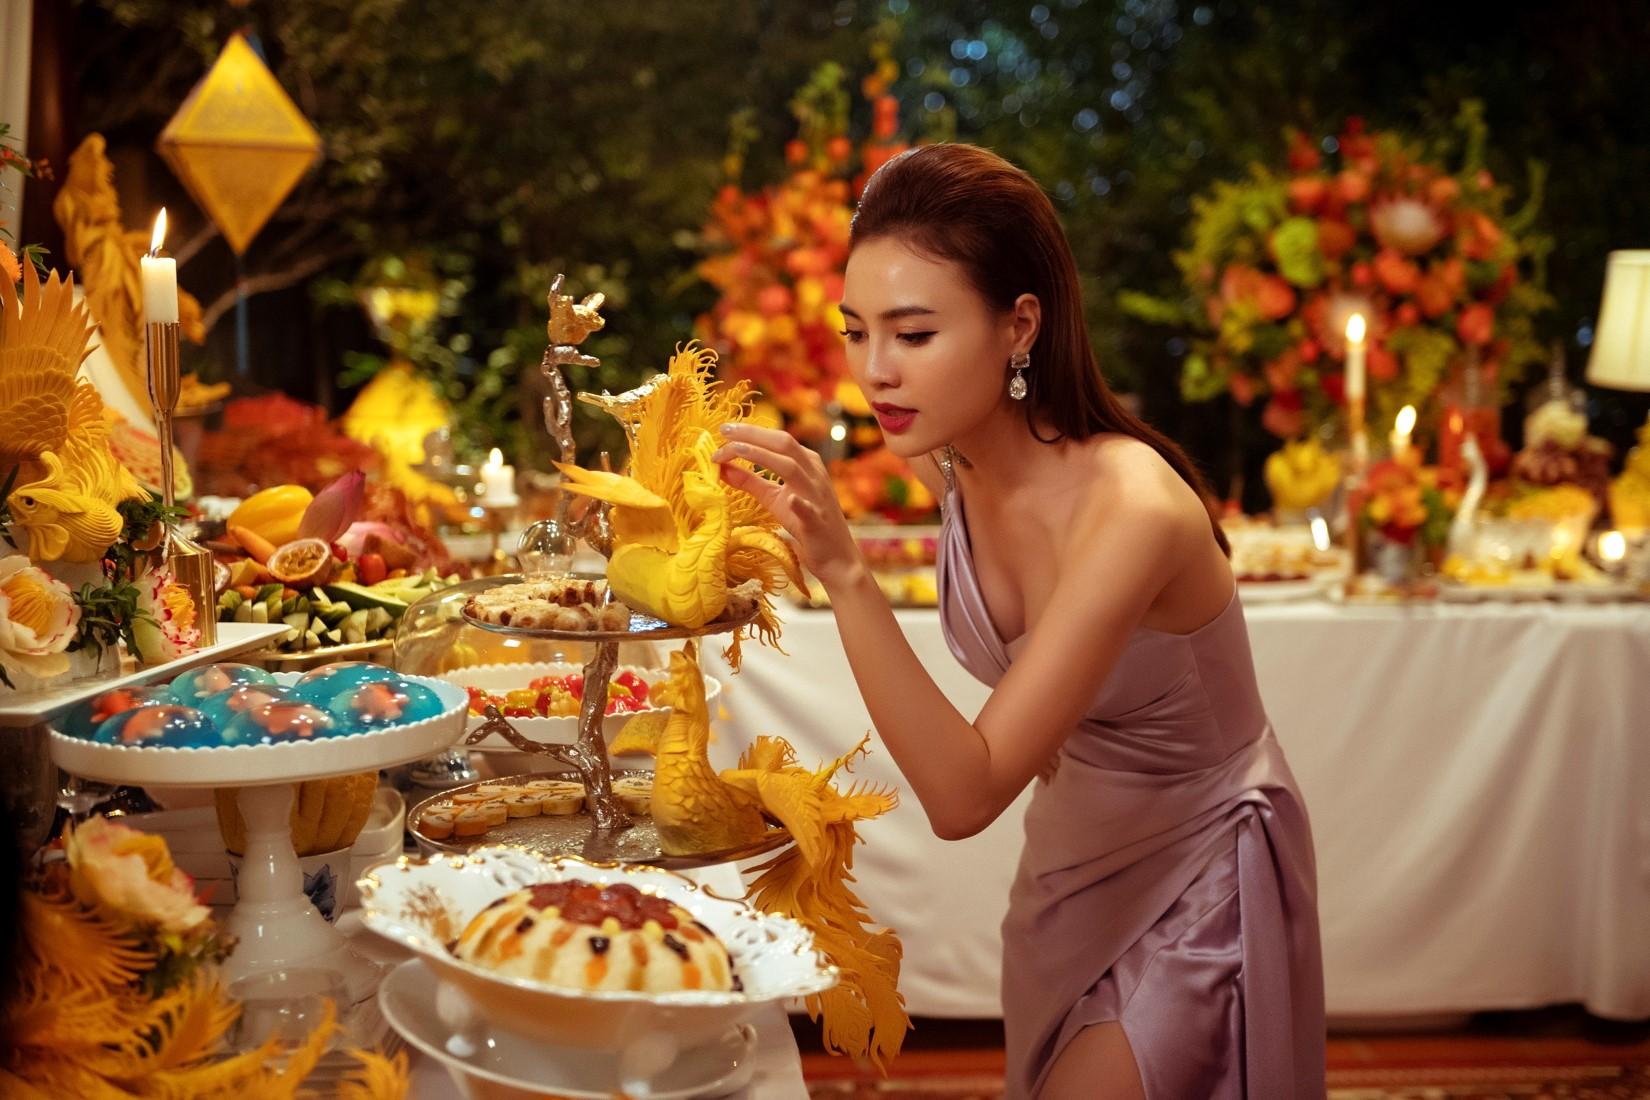 Ninh Dương Lan Ngọc 'sốc nặng' với bữa ăn 5 tỷ đồng: Thực đơn toàn sơn hào hải vị 1